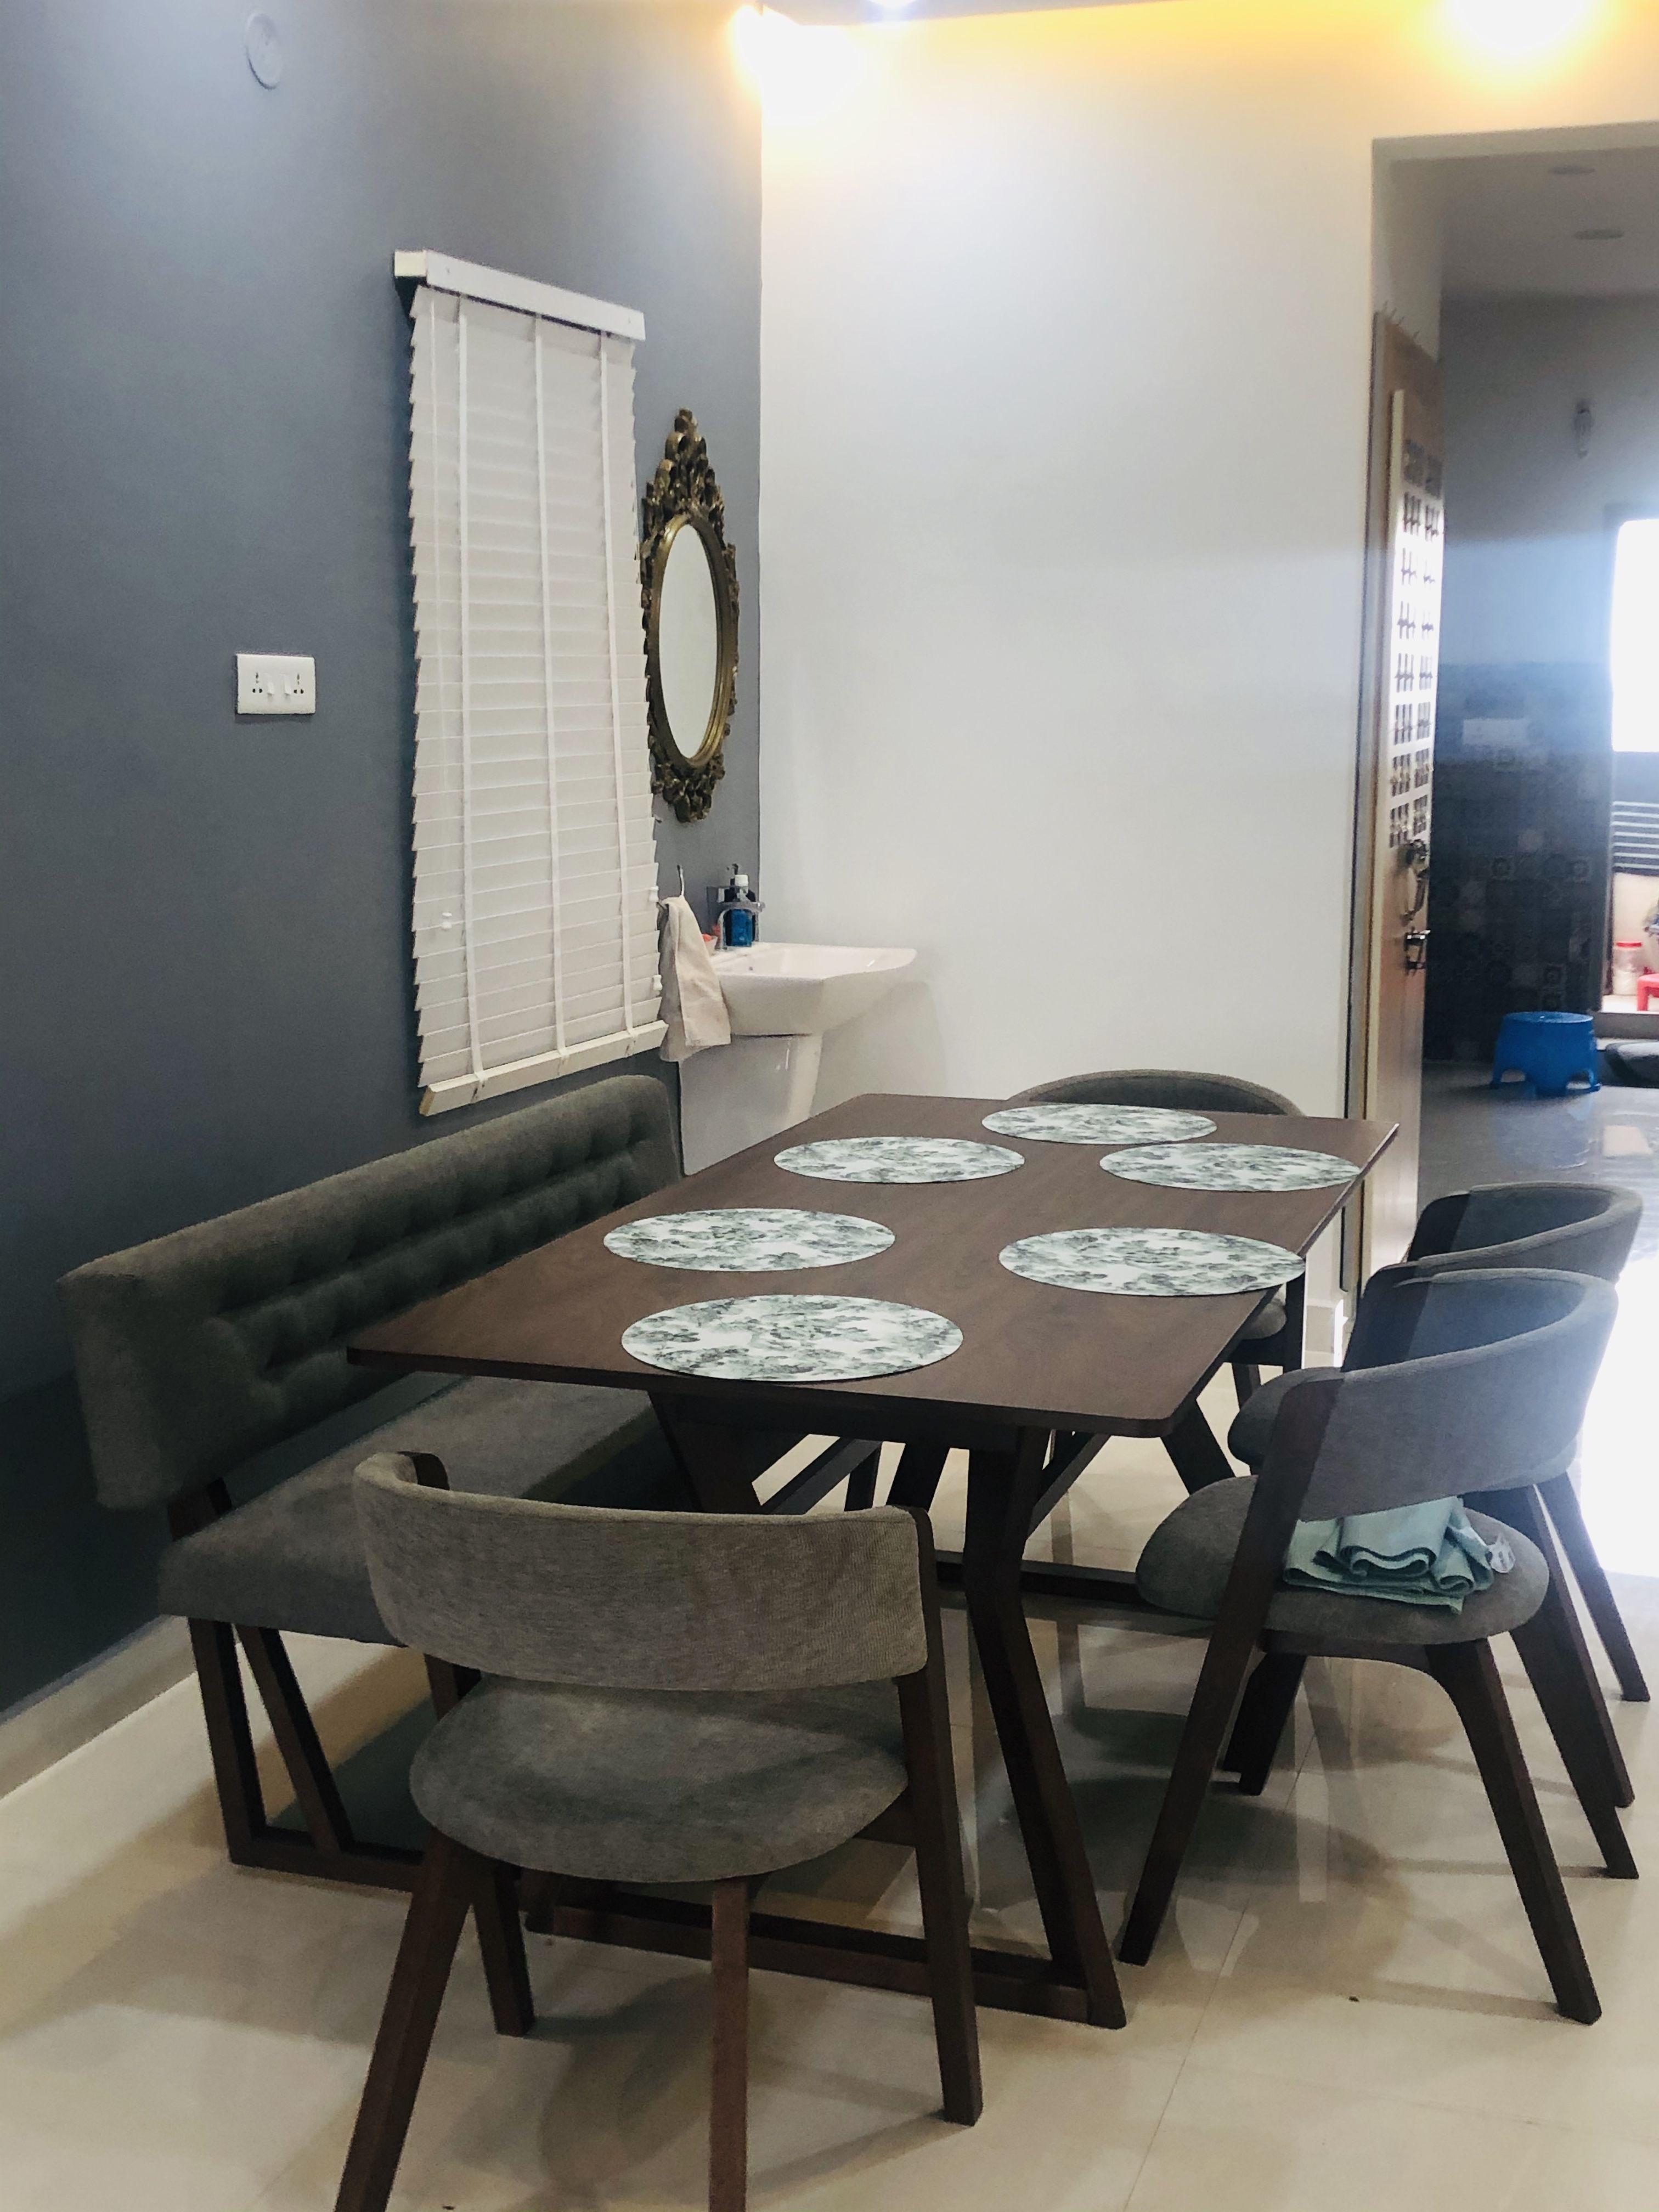 #diningroom #beforeandafter #diningroomtable